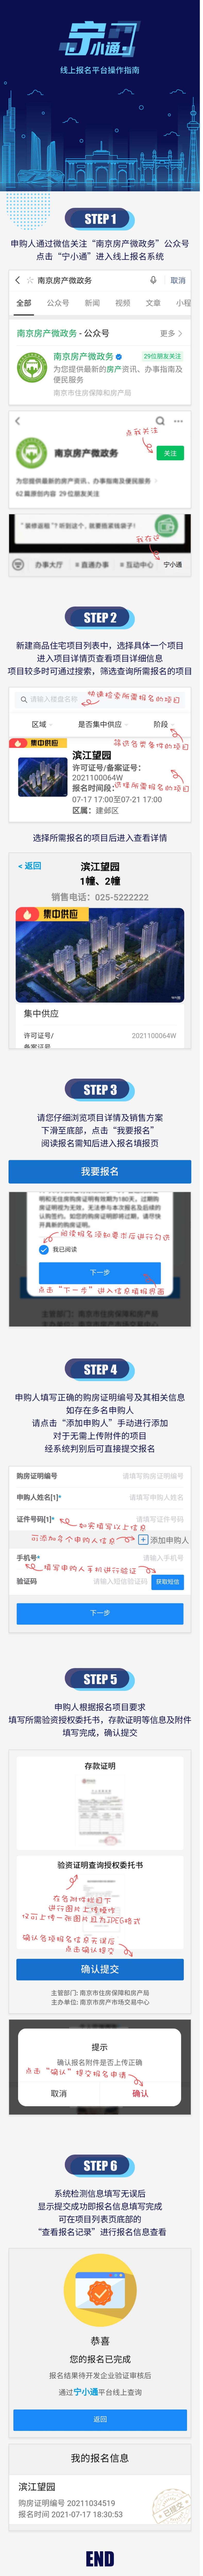 """南京官方新房报名统一平台""""宁小通""""操作指南"""